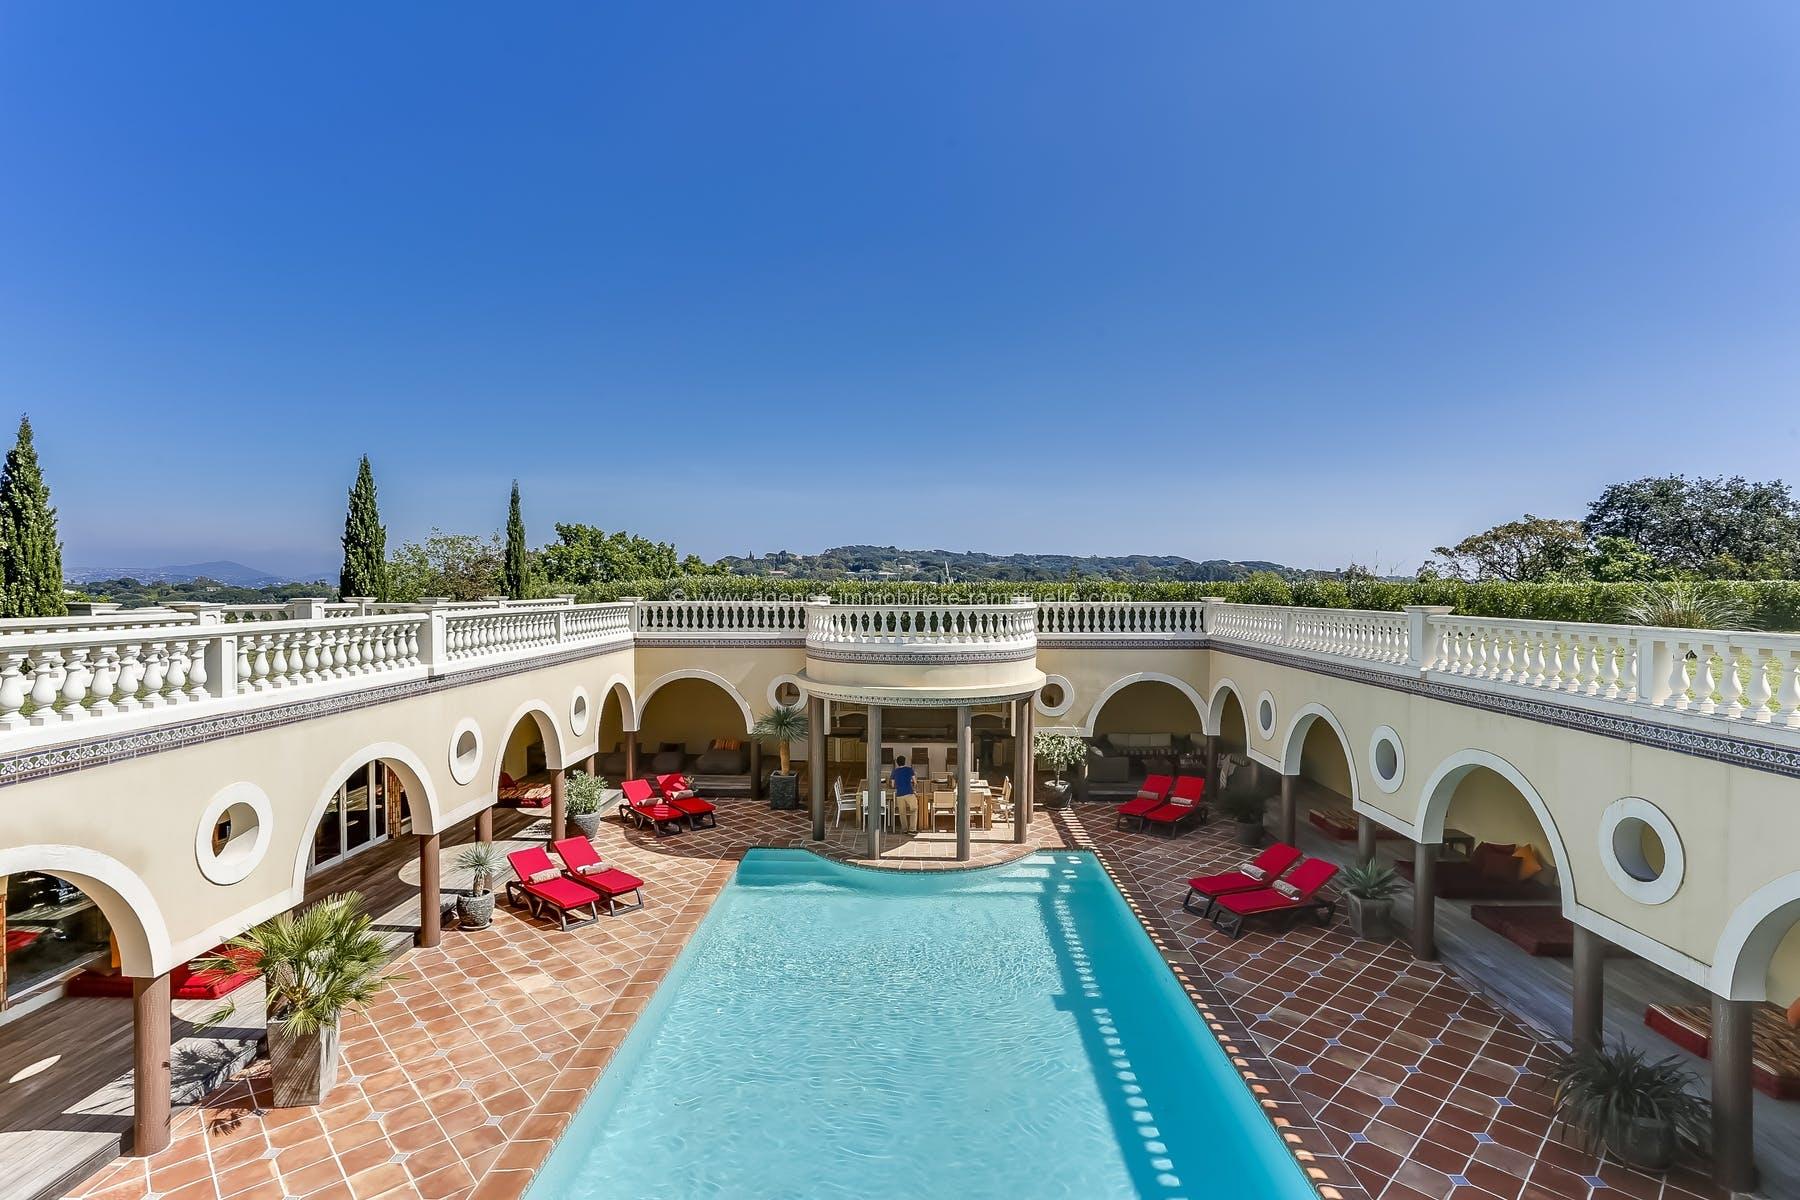 Villa exceptionnelle – Quartier très prisé – Près des Plages avec immense piscine et heliport Ramatuelle